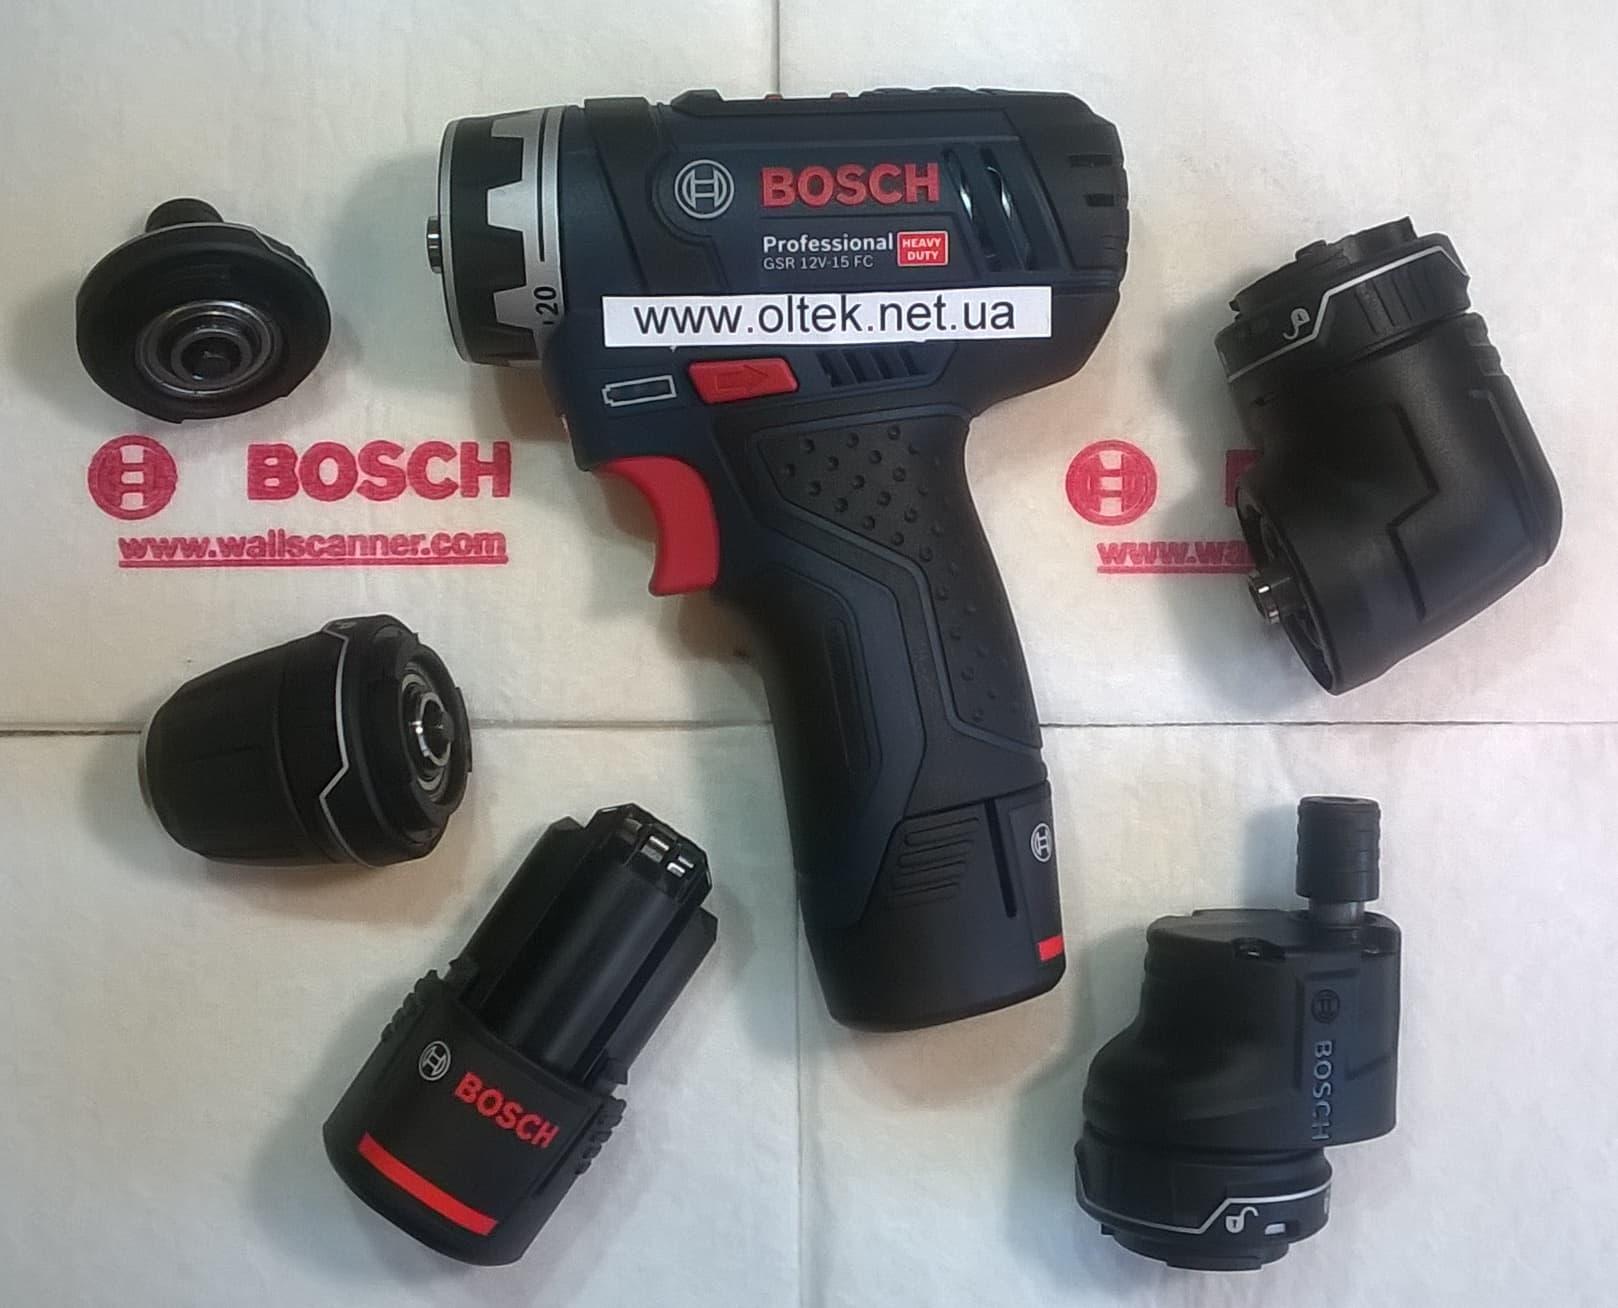 bosch-gsr12v-15fc